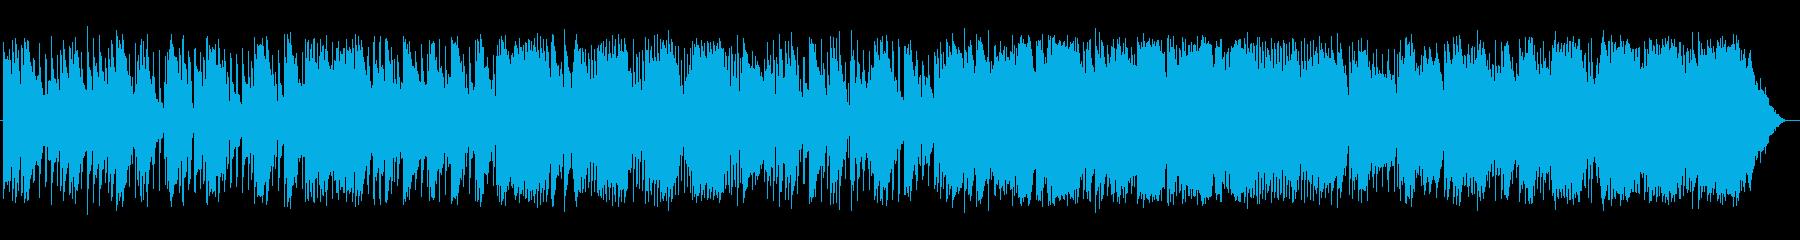 切ないセンチメンタルなバラードの再生済みの波形